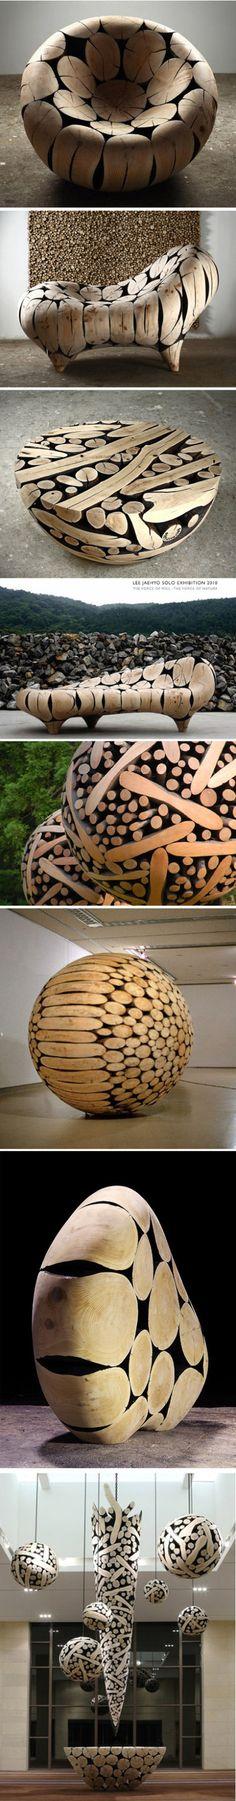 韩国艺术家李在孝(Jaehyo Lee 1965-)的雕塑作品。用原木制作,既有天然的感觉,同时强化简单几何美感。 - 堆糖 发现生活_收集美好_分享图片